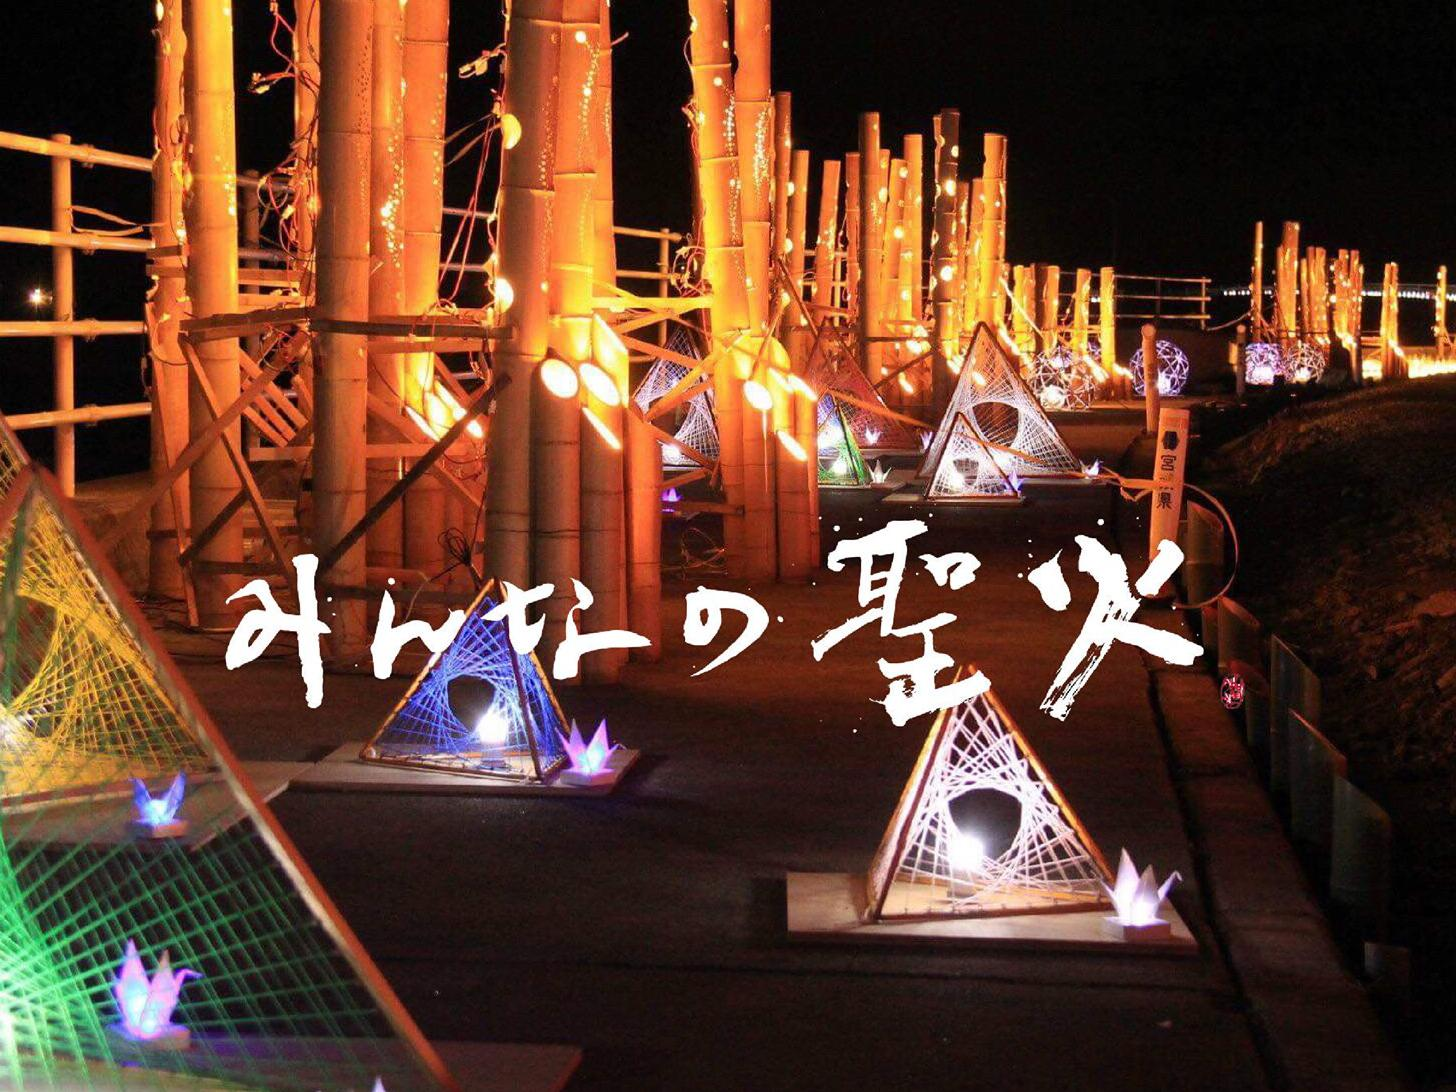 東京オリ・パラ開幕前夜(2020.7.23)47都道府県で竹あかり同時点燈@大分県